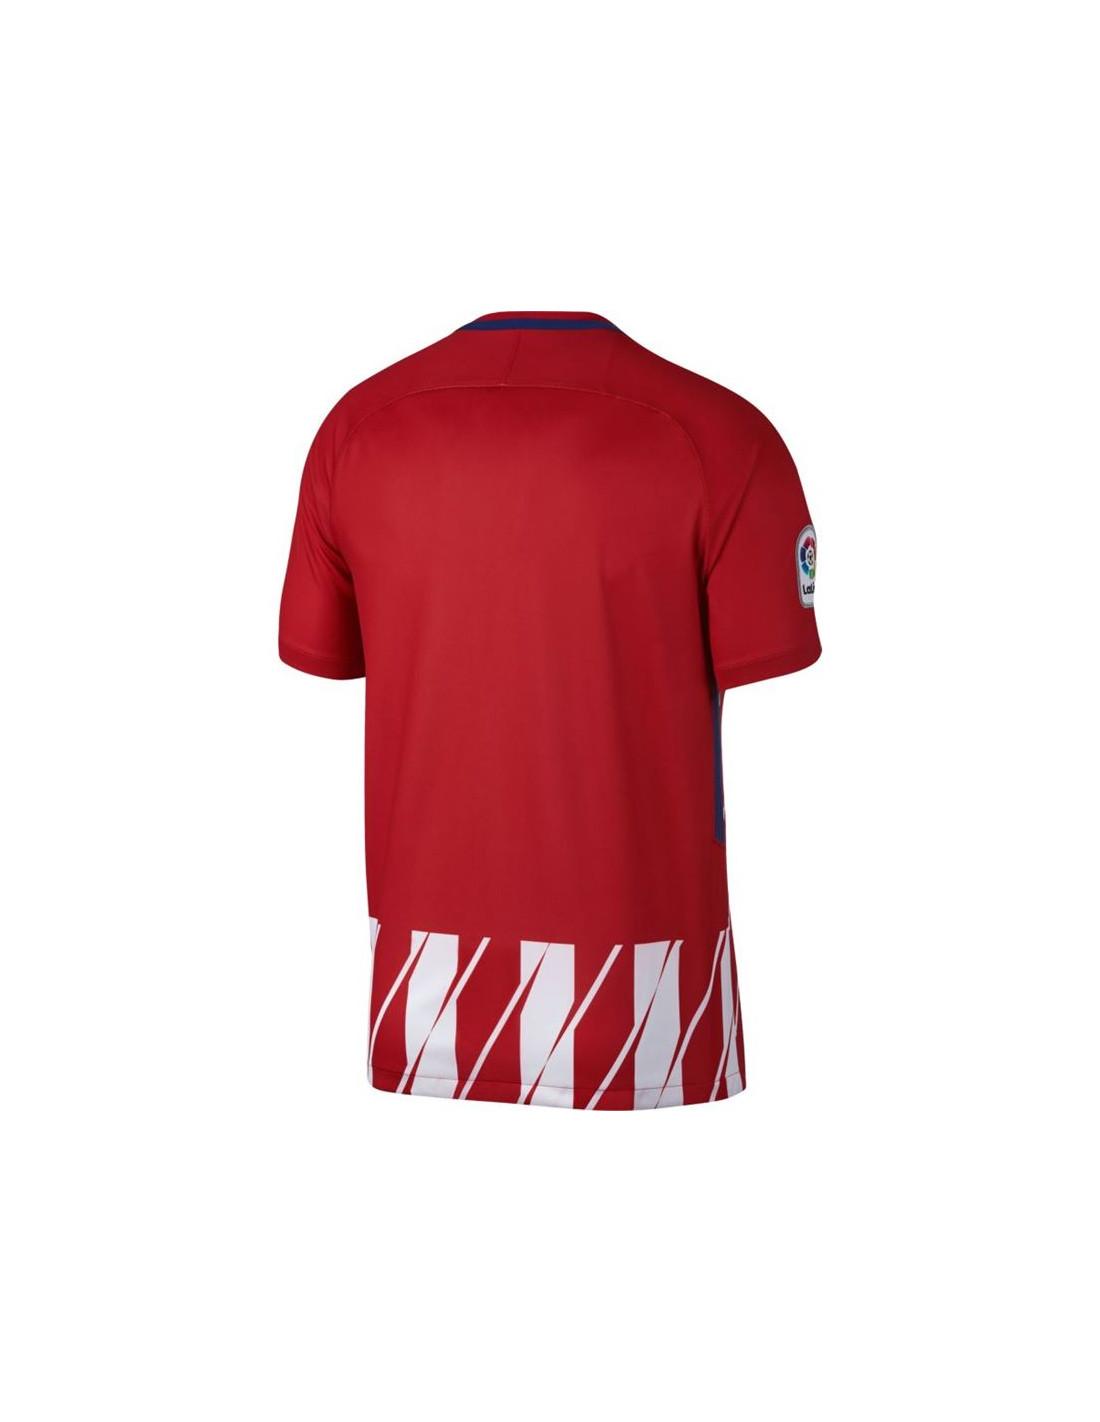 fb683e1e3 ᐈ Camiseta Nike Atlético de Madrid 2017 2018 Local – Atmosfera Sport©